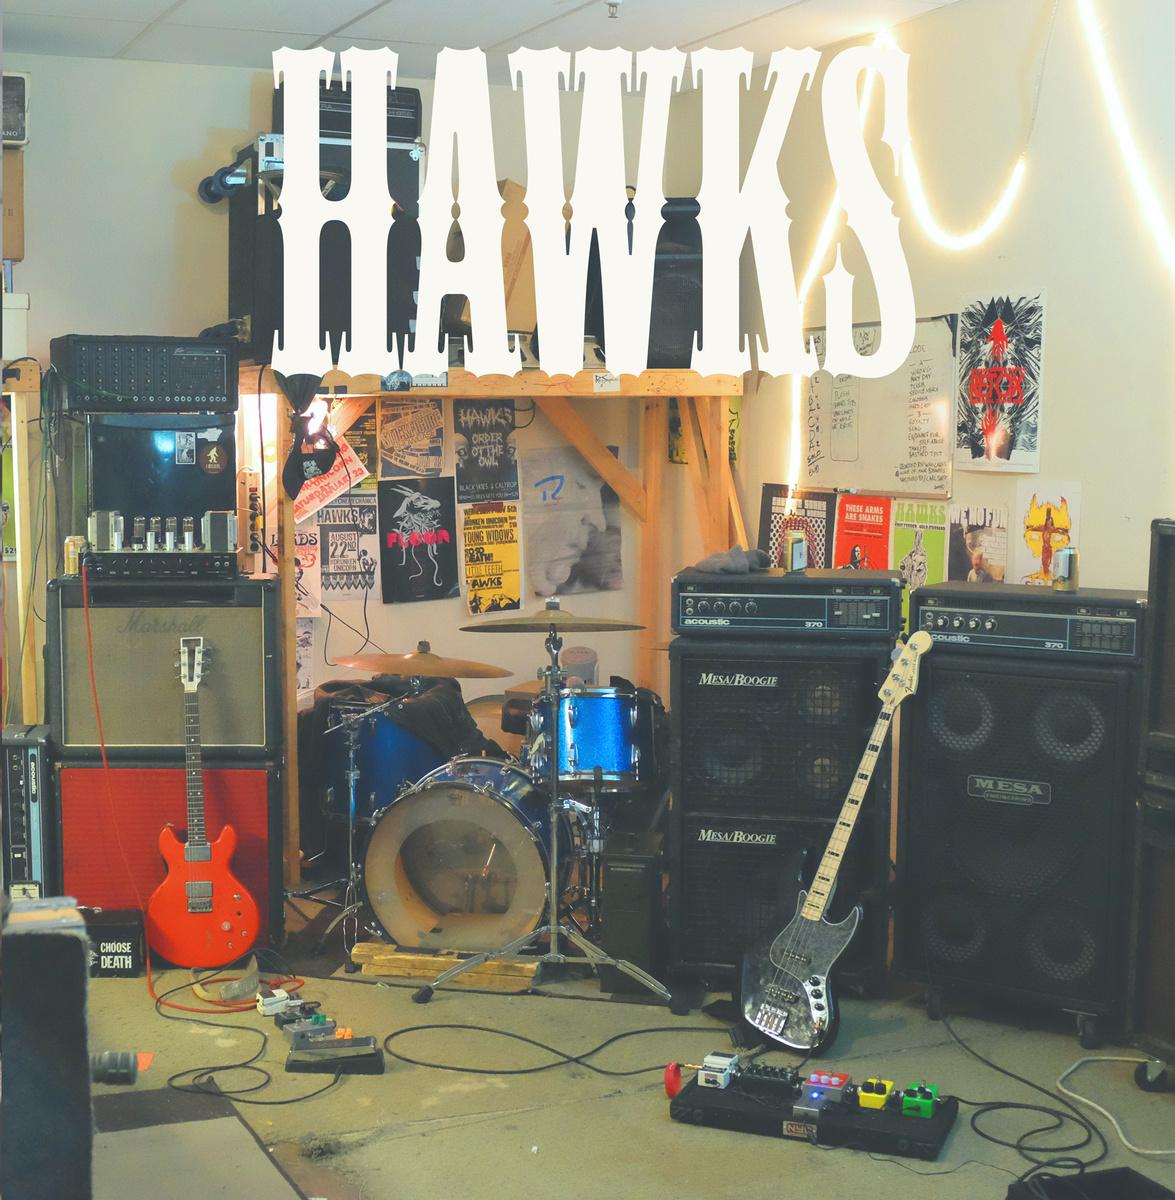 Hawks     /    Noise Rock